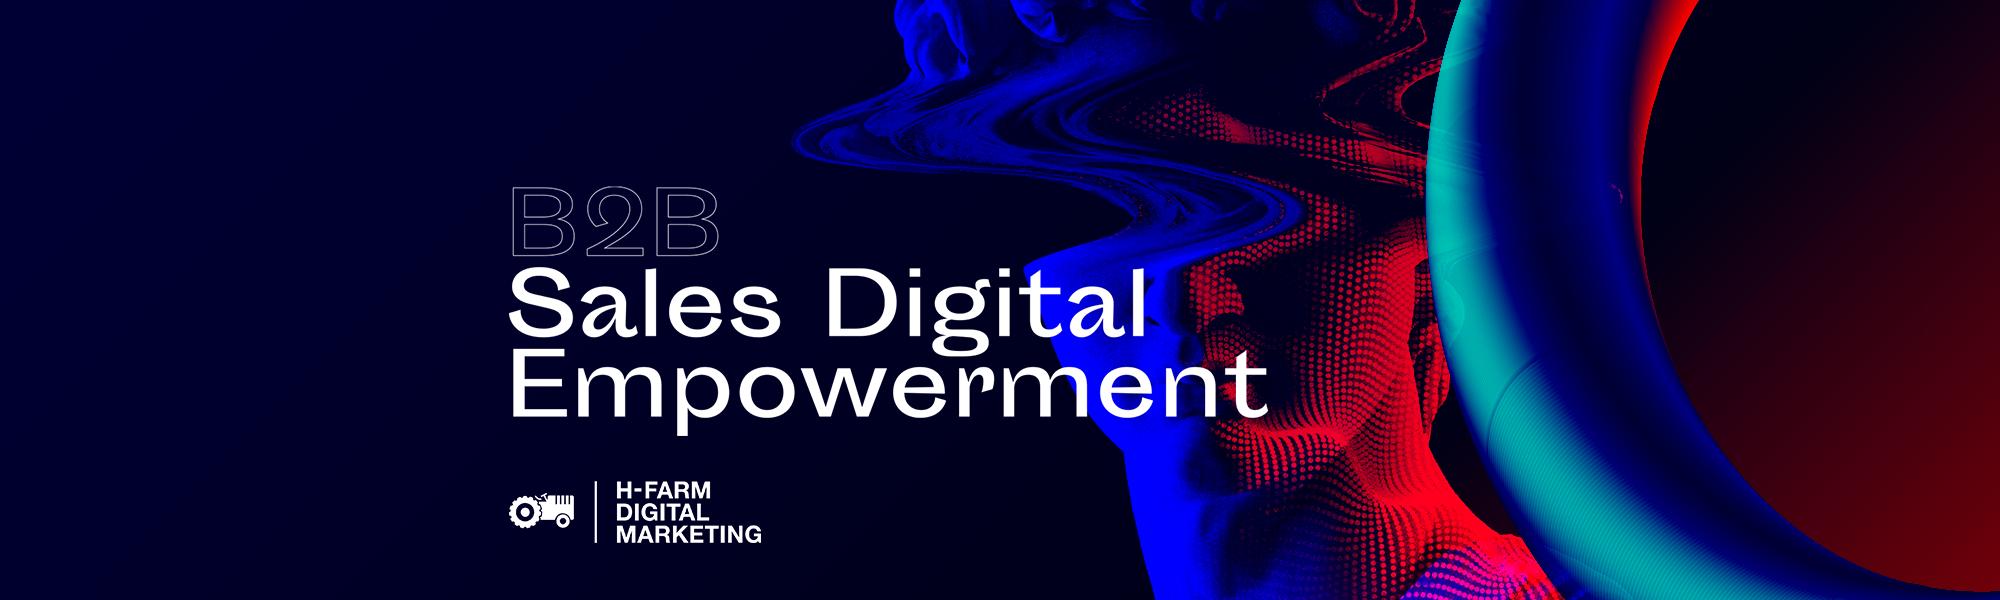 Sales empowerment: l'evoluzione digitale delle attività commerciali nel mercato B2B